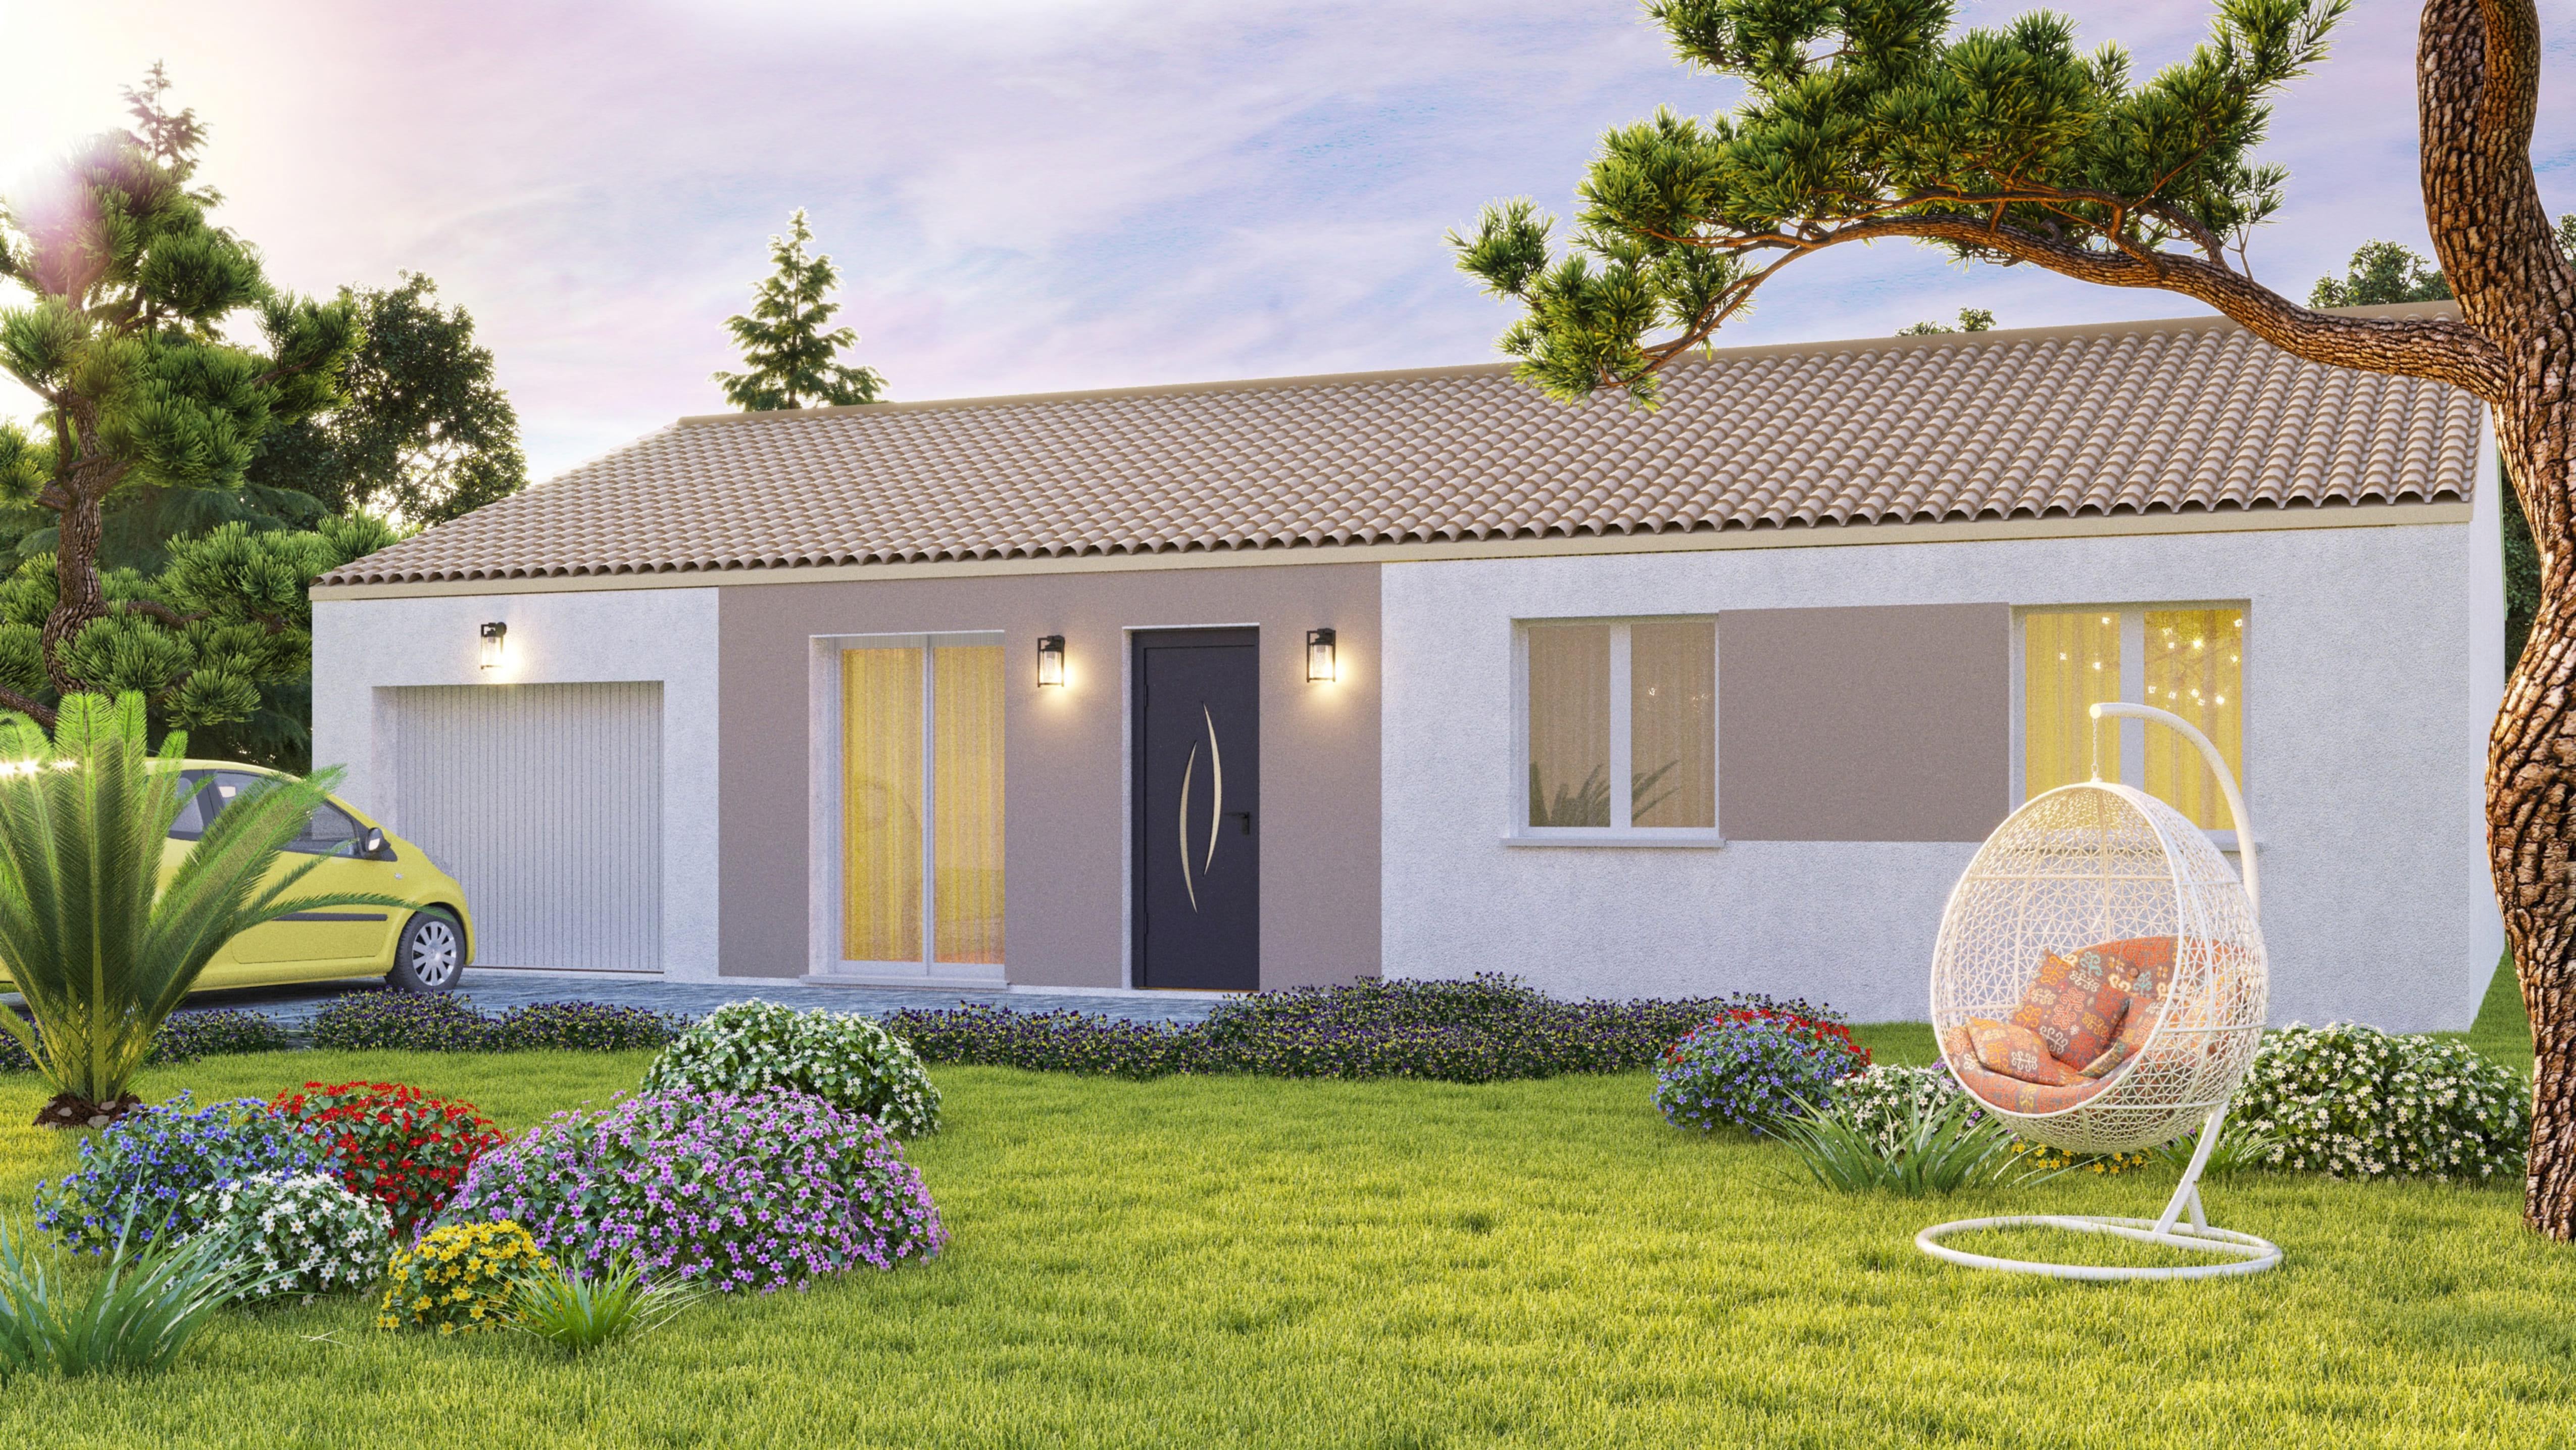 Maisons + Terrains du constructeur VIV'HOME • 70 m² • LE THOU